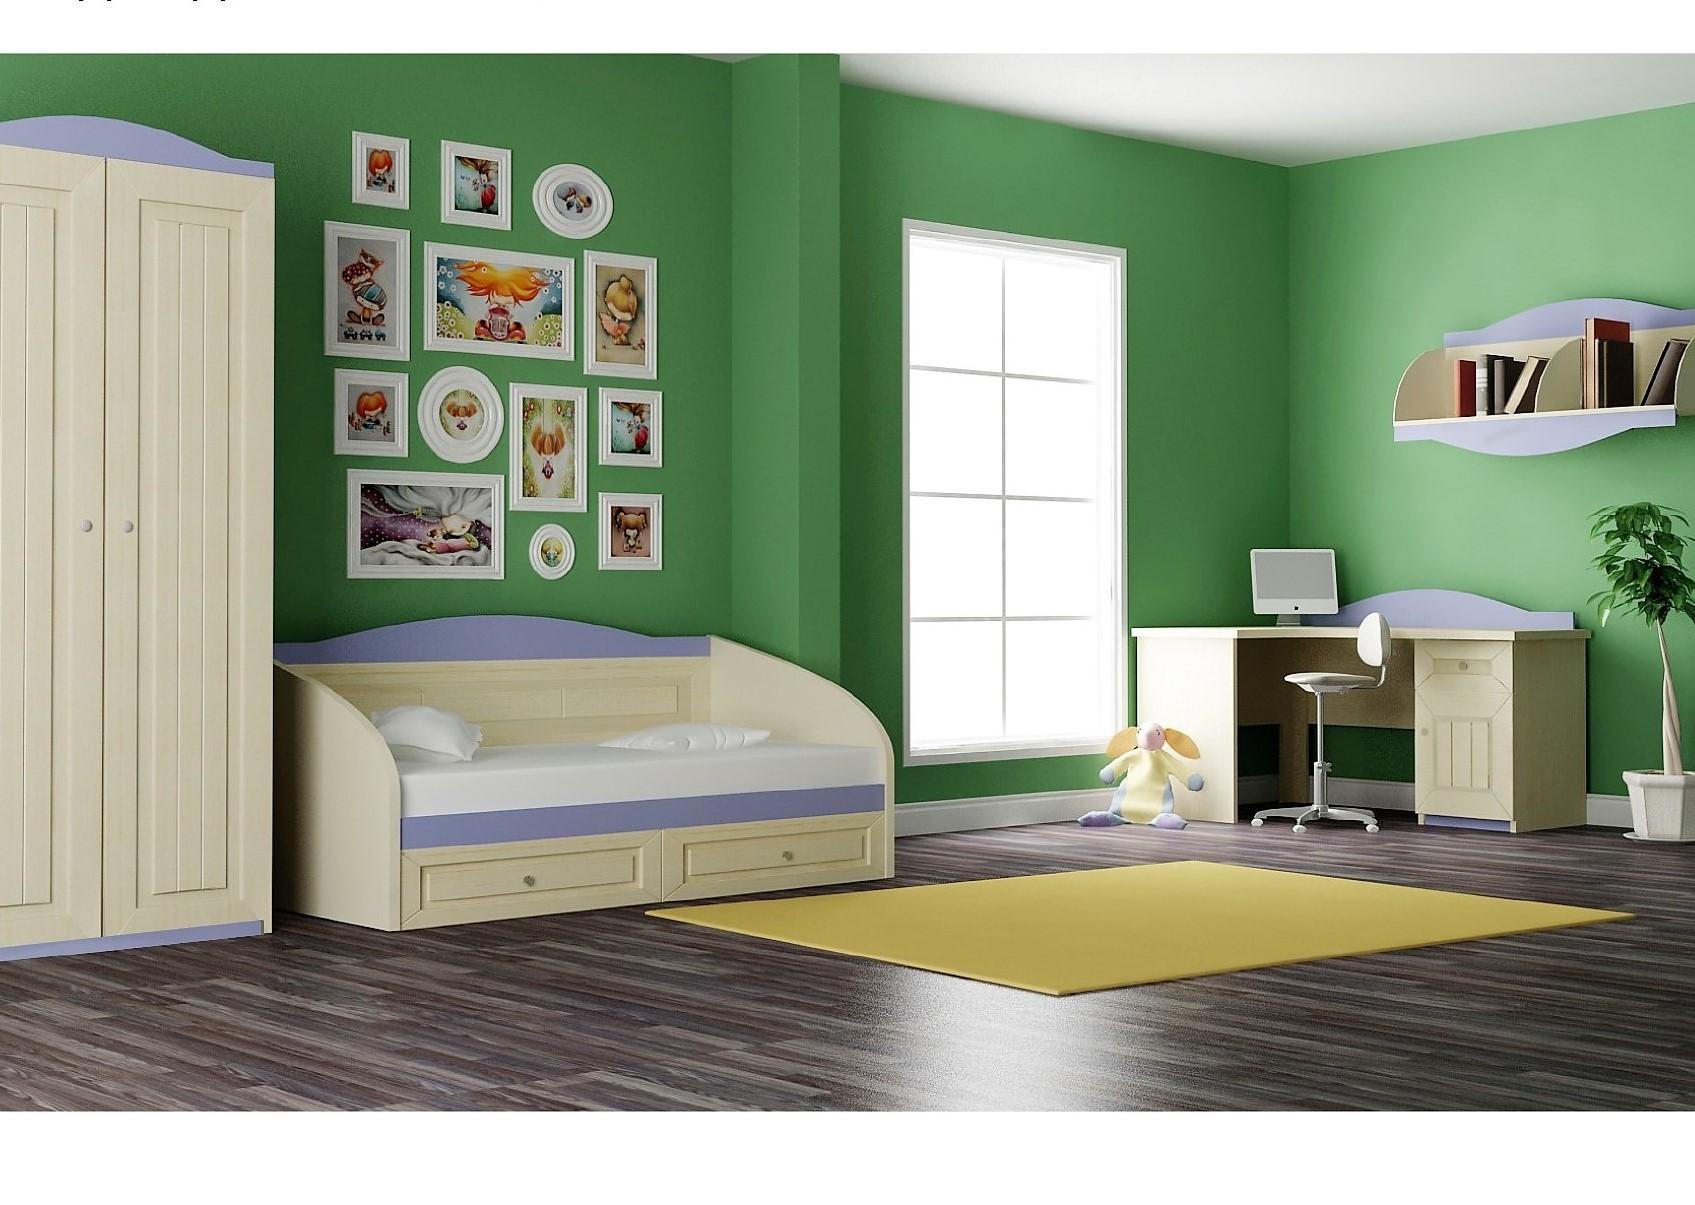 Модульная мебель для детской подростковой комнаты